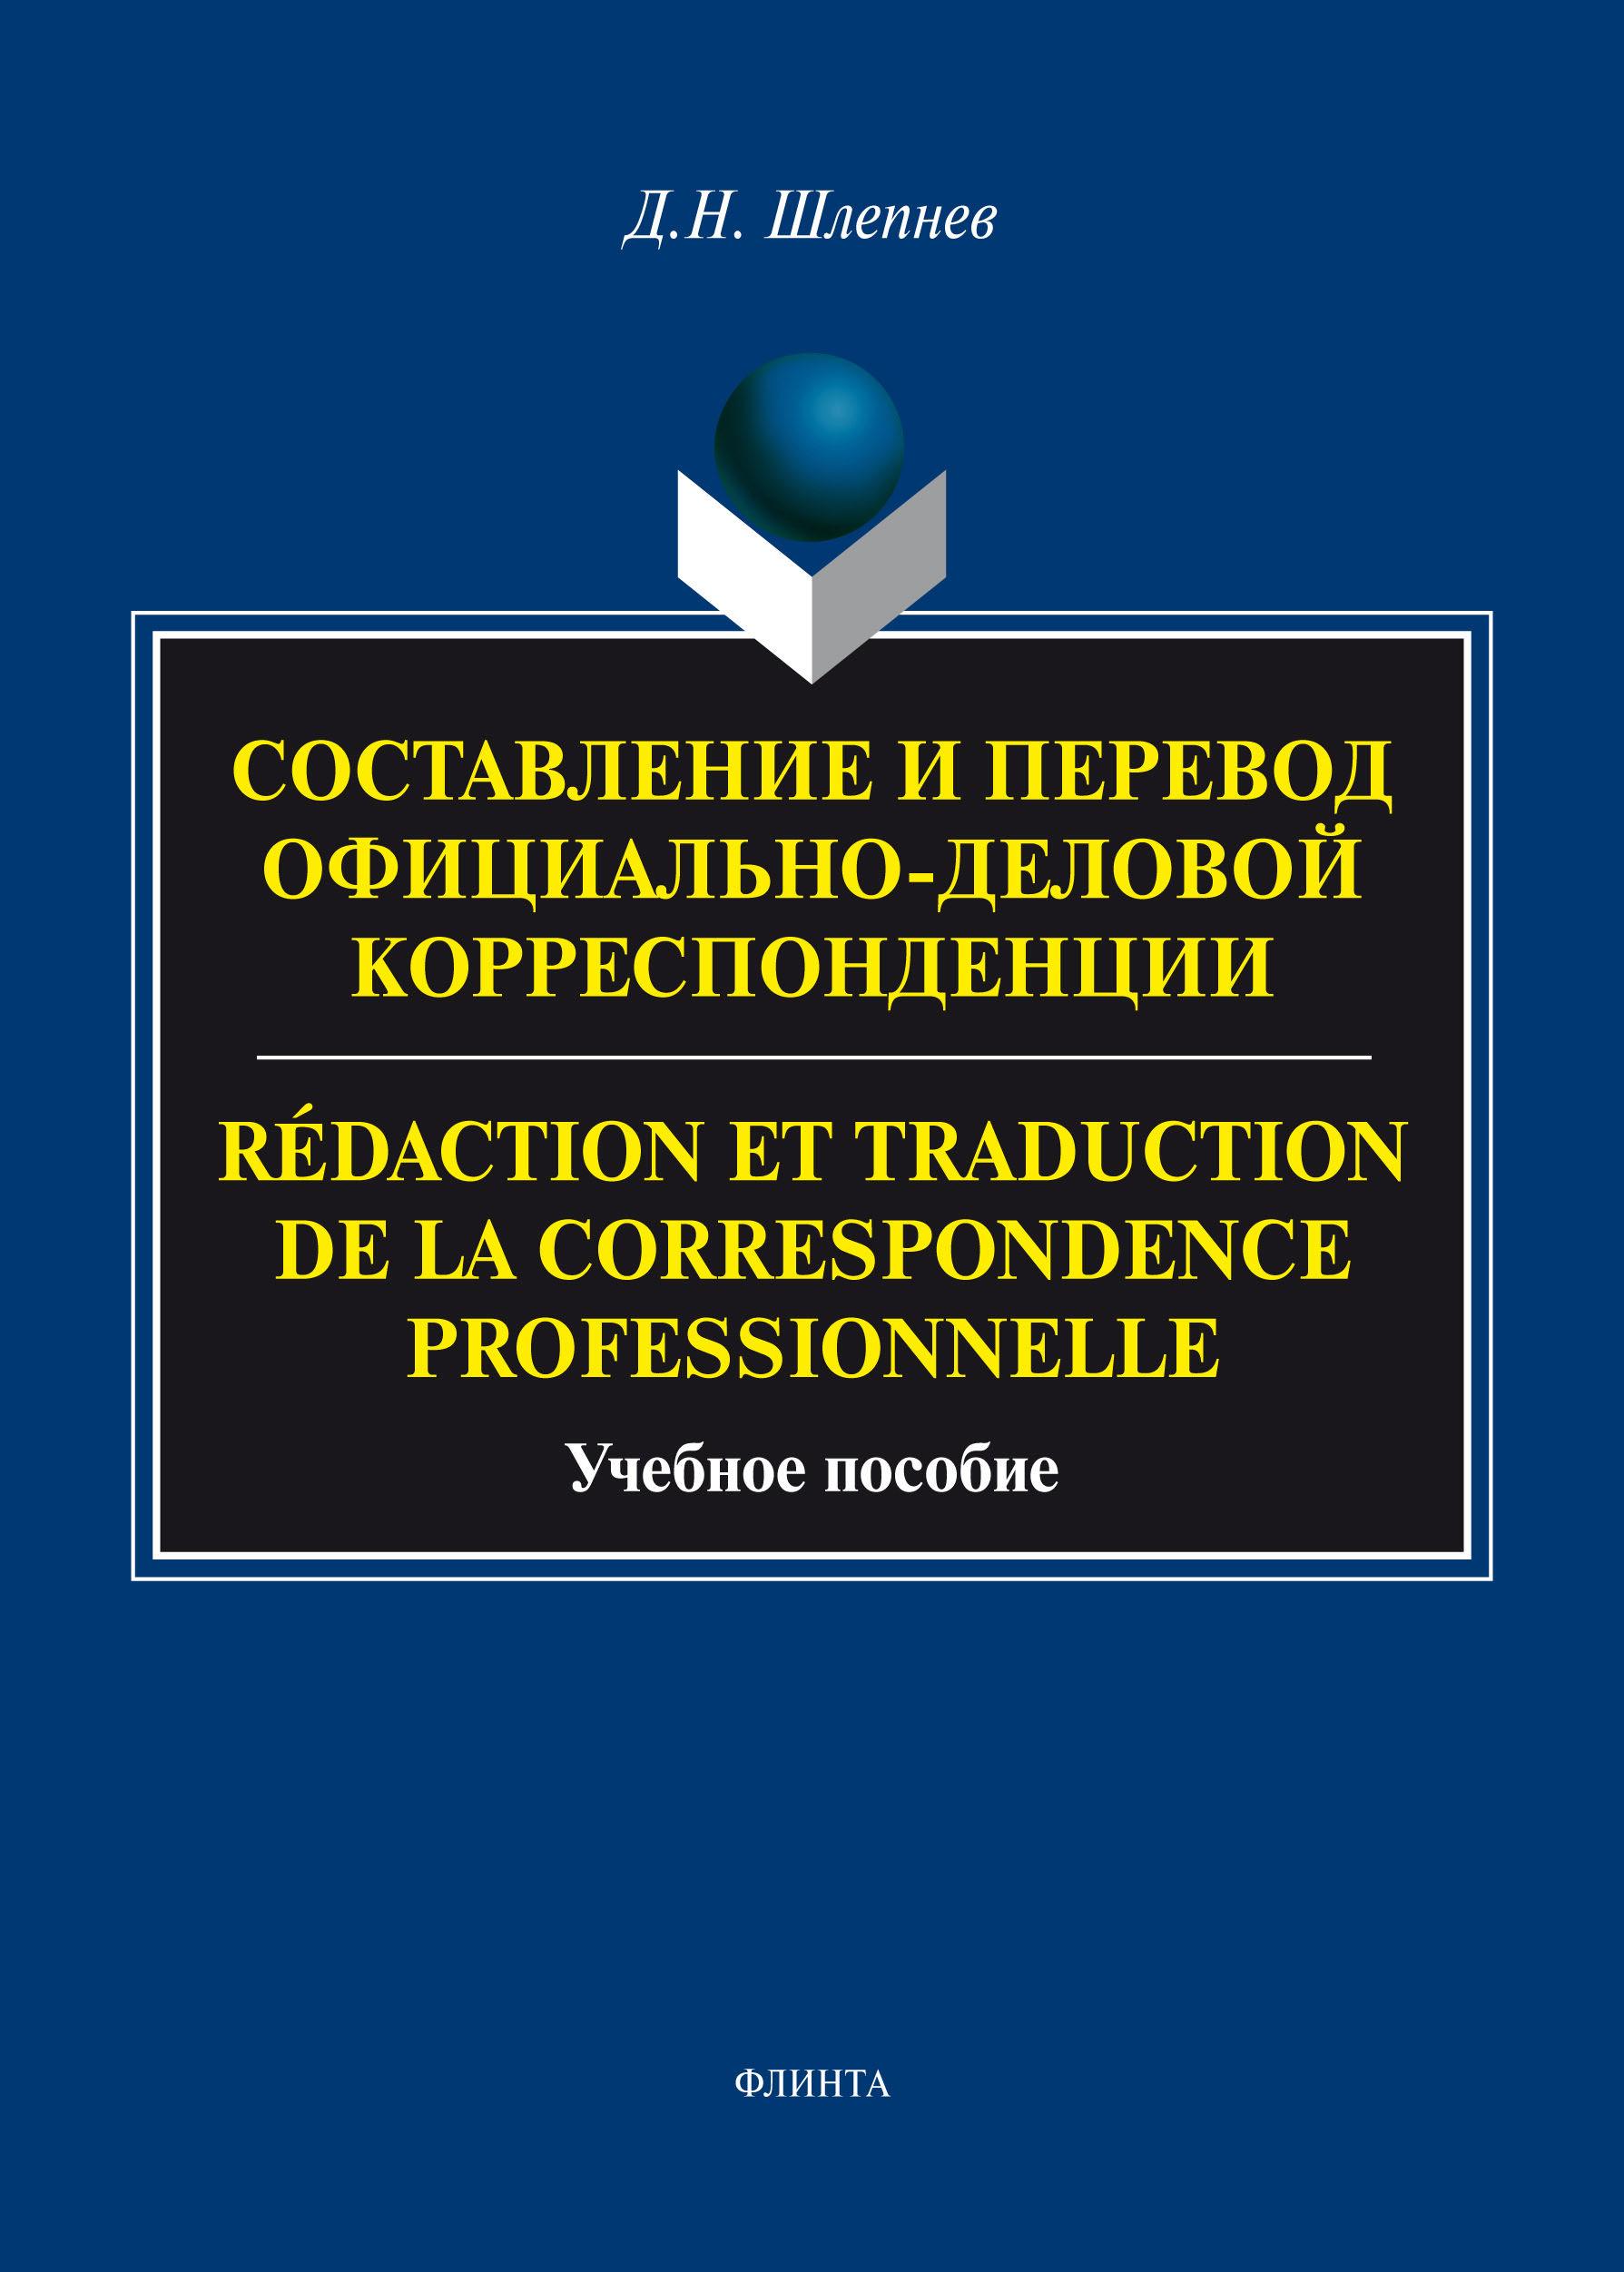 Составление и перевод официально-деловой корреспонденции / Rédaction et traduction de la correspondance professionnelle ( Дмитрий Шлепнев  )